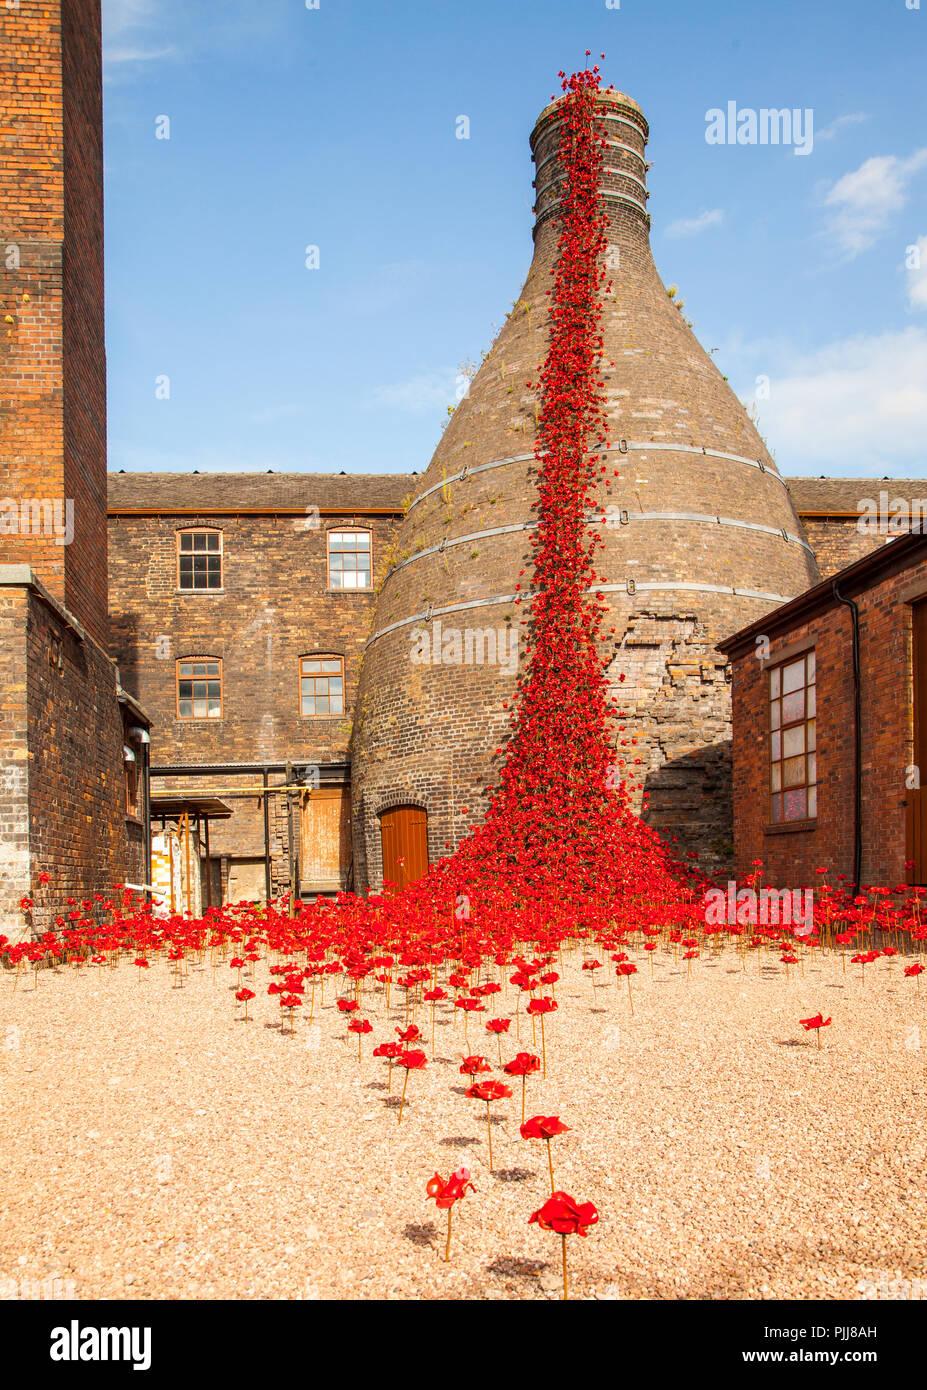 Weinend Windows touring Anzeige von keramischen Mohnblumen auf seiner Stoke on Trent Schauplatz von Middleport pottery mit einem toten Soldaten aus dem Krieg Stockbild